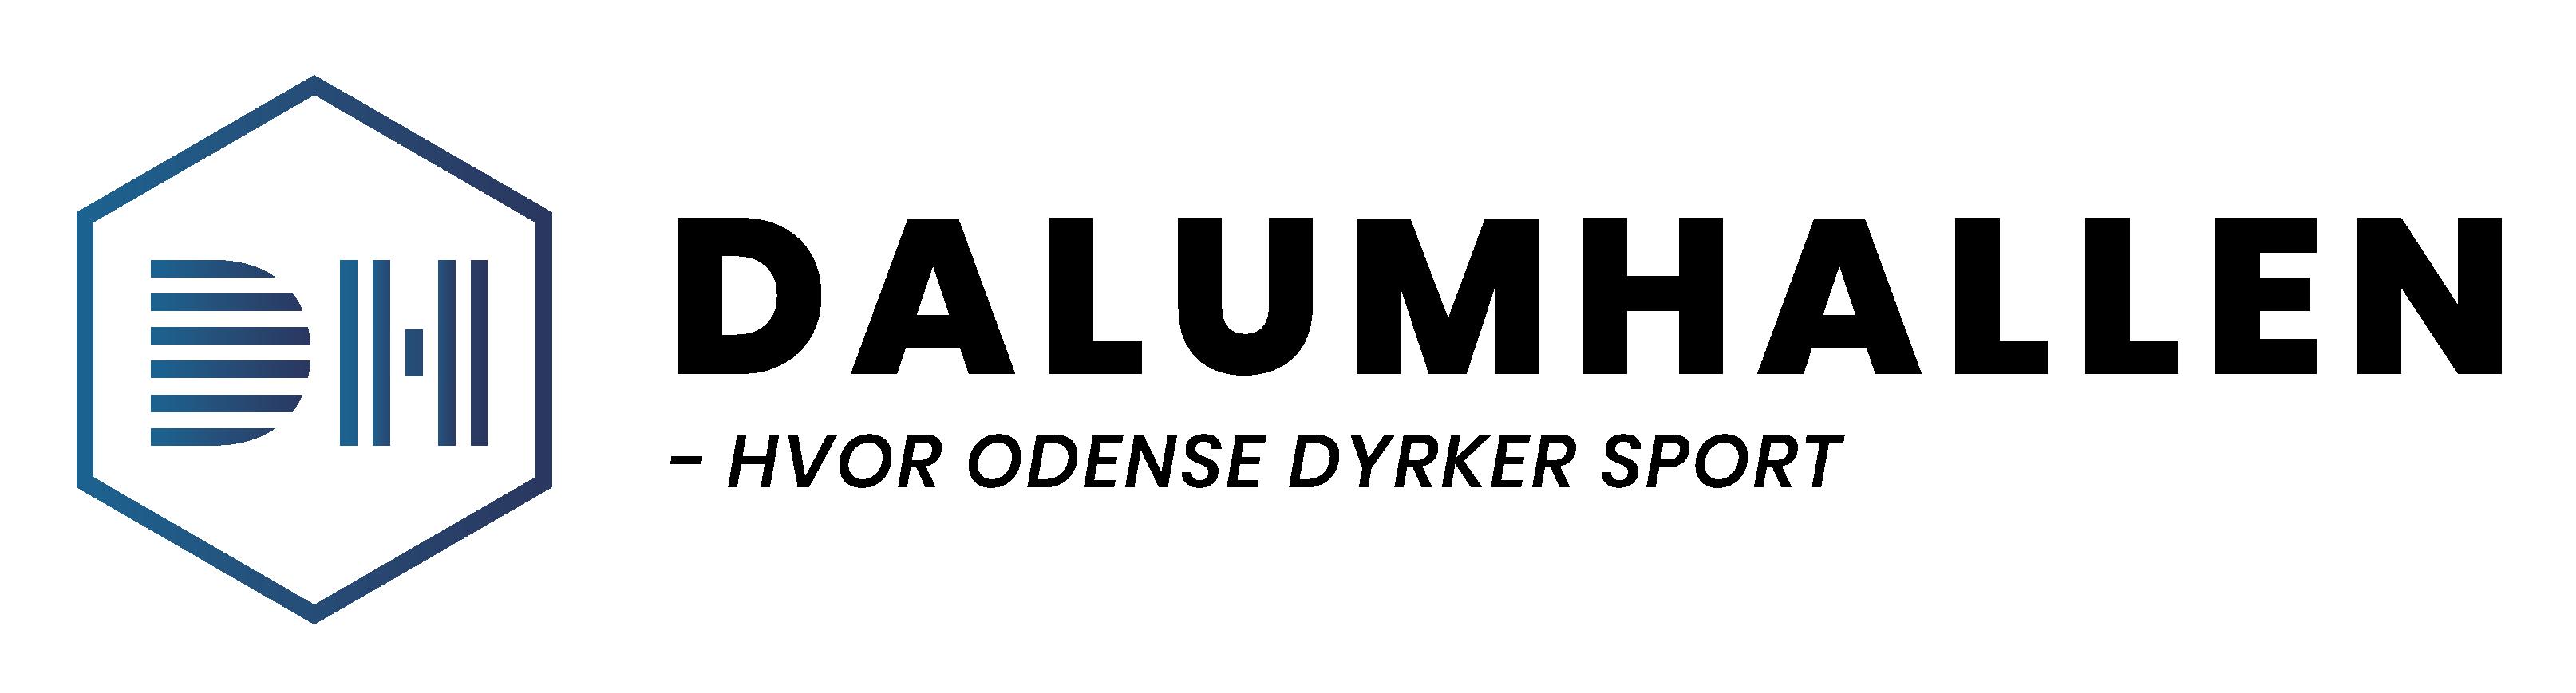 Dalumhallen